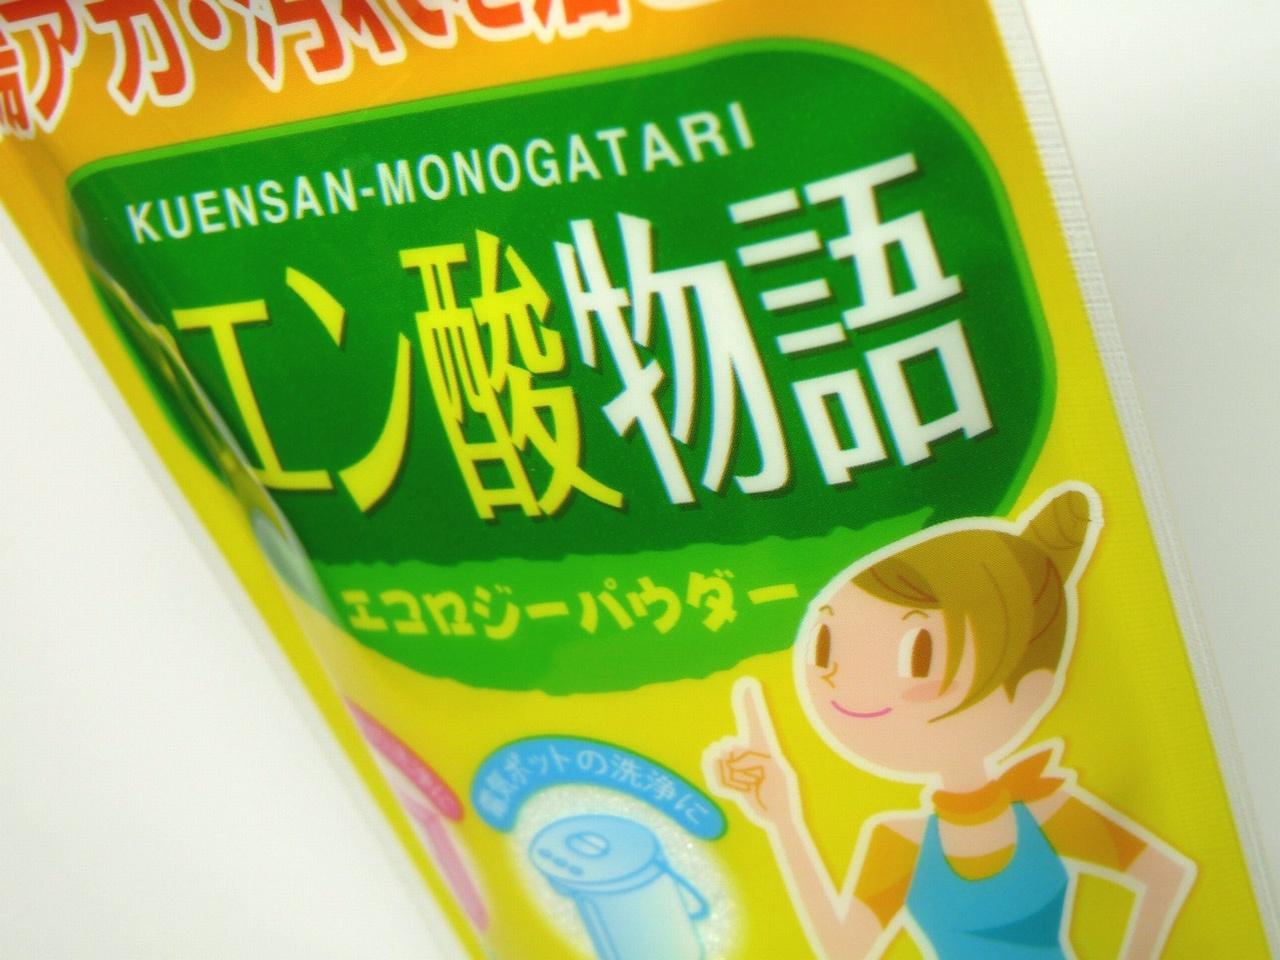 クエン 電気 酸 ポット ティファール(電気ケトル)の洗い方。掃除にはクエン酸が効果大!